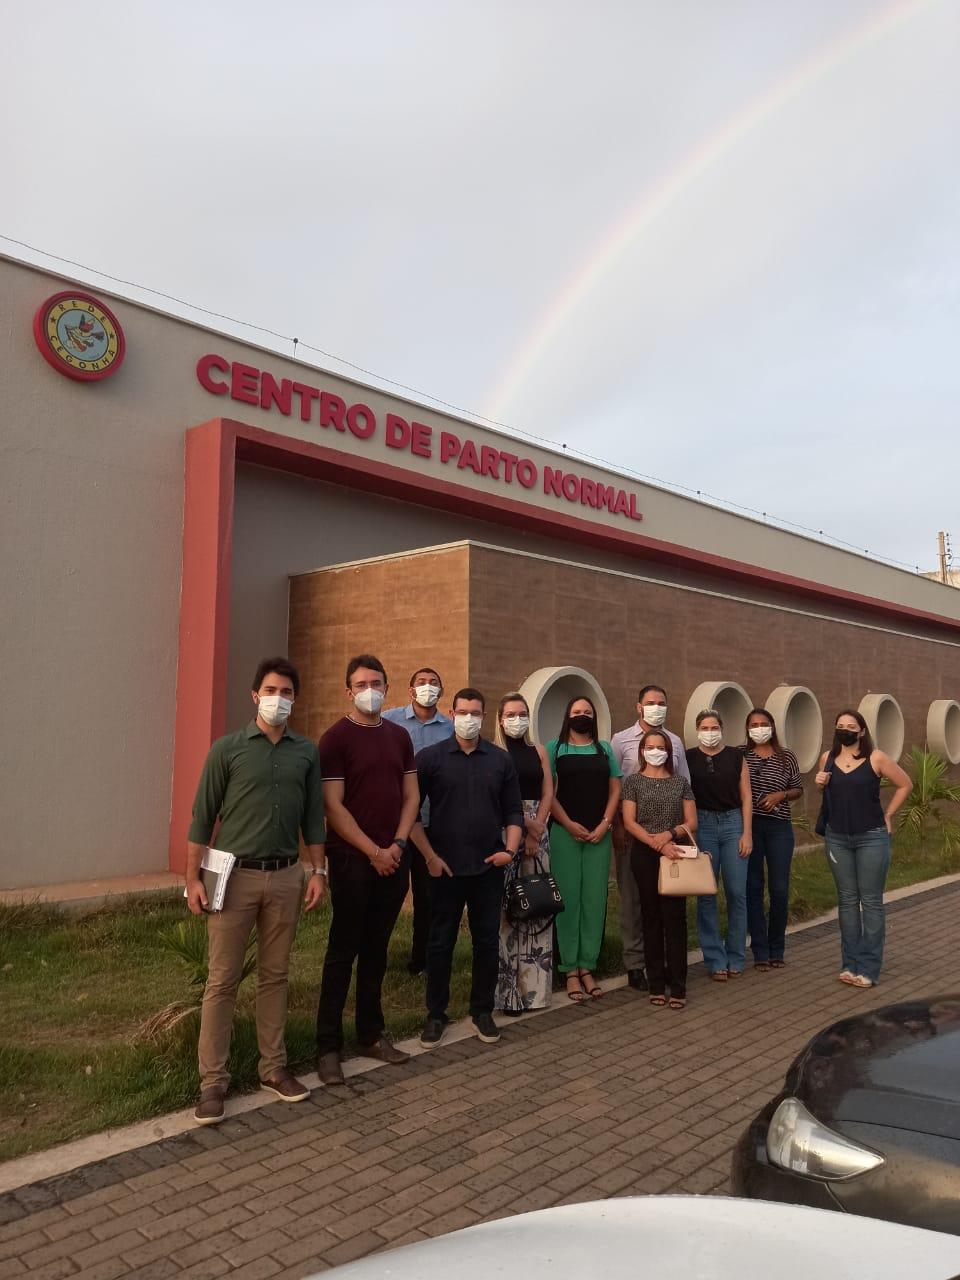 Equipe da Fepiserh durante visita técnica no Centro de Parto Normal, em Picos